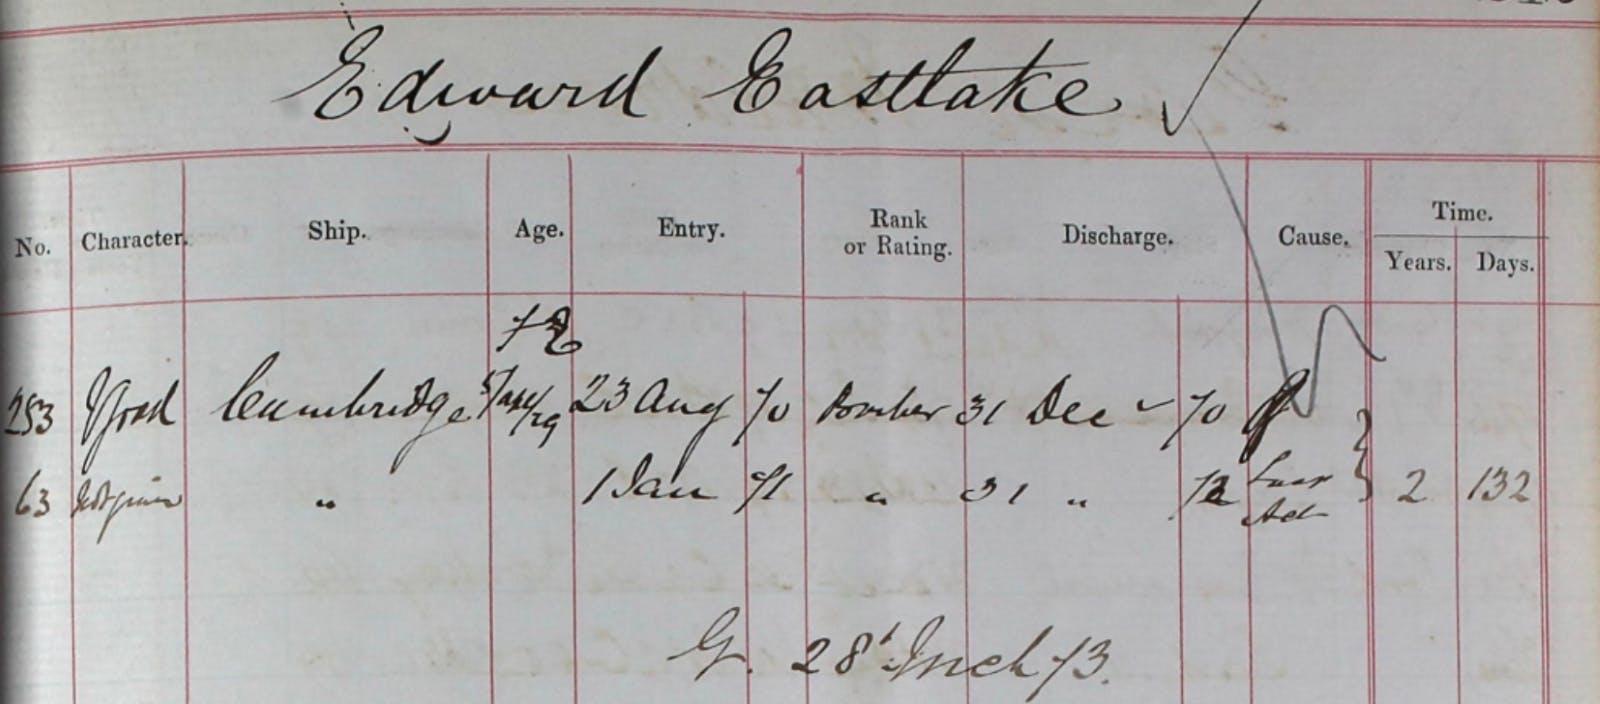 Tom Daley's ancestor in navy records.